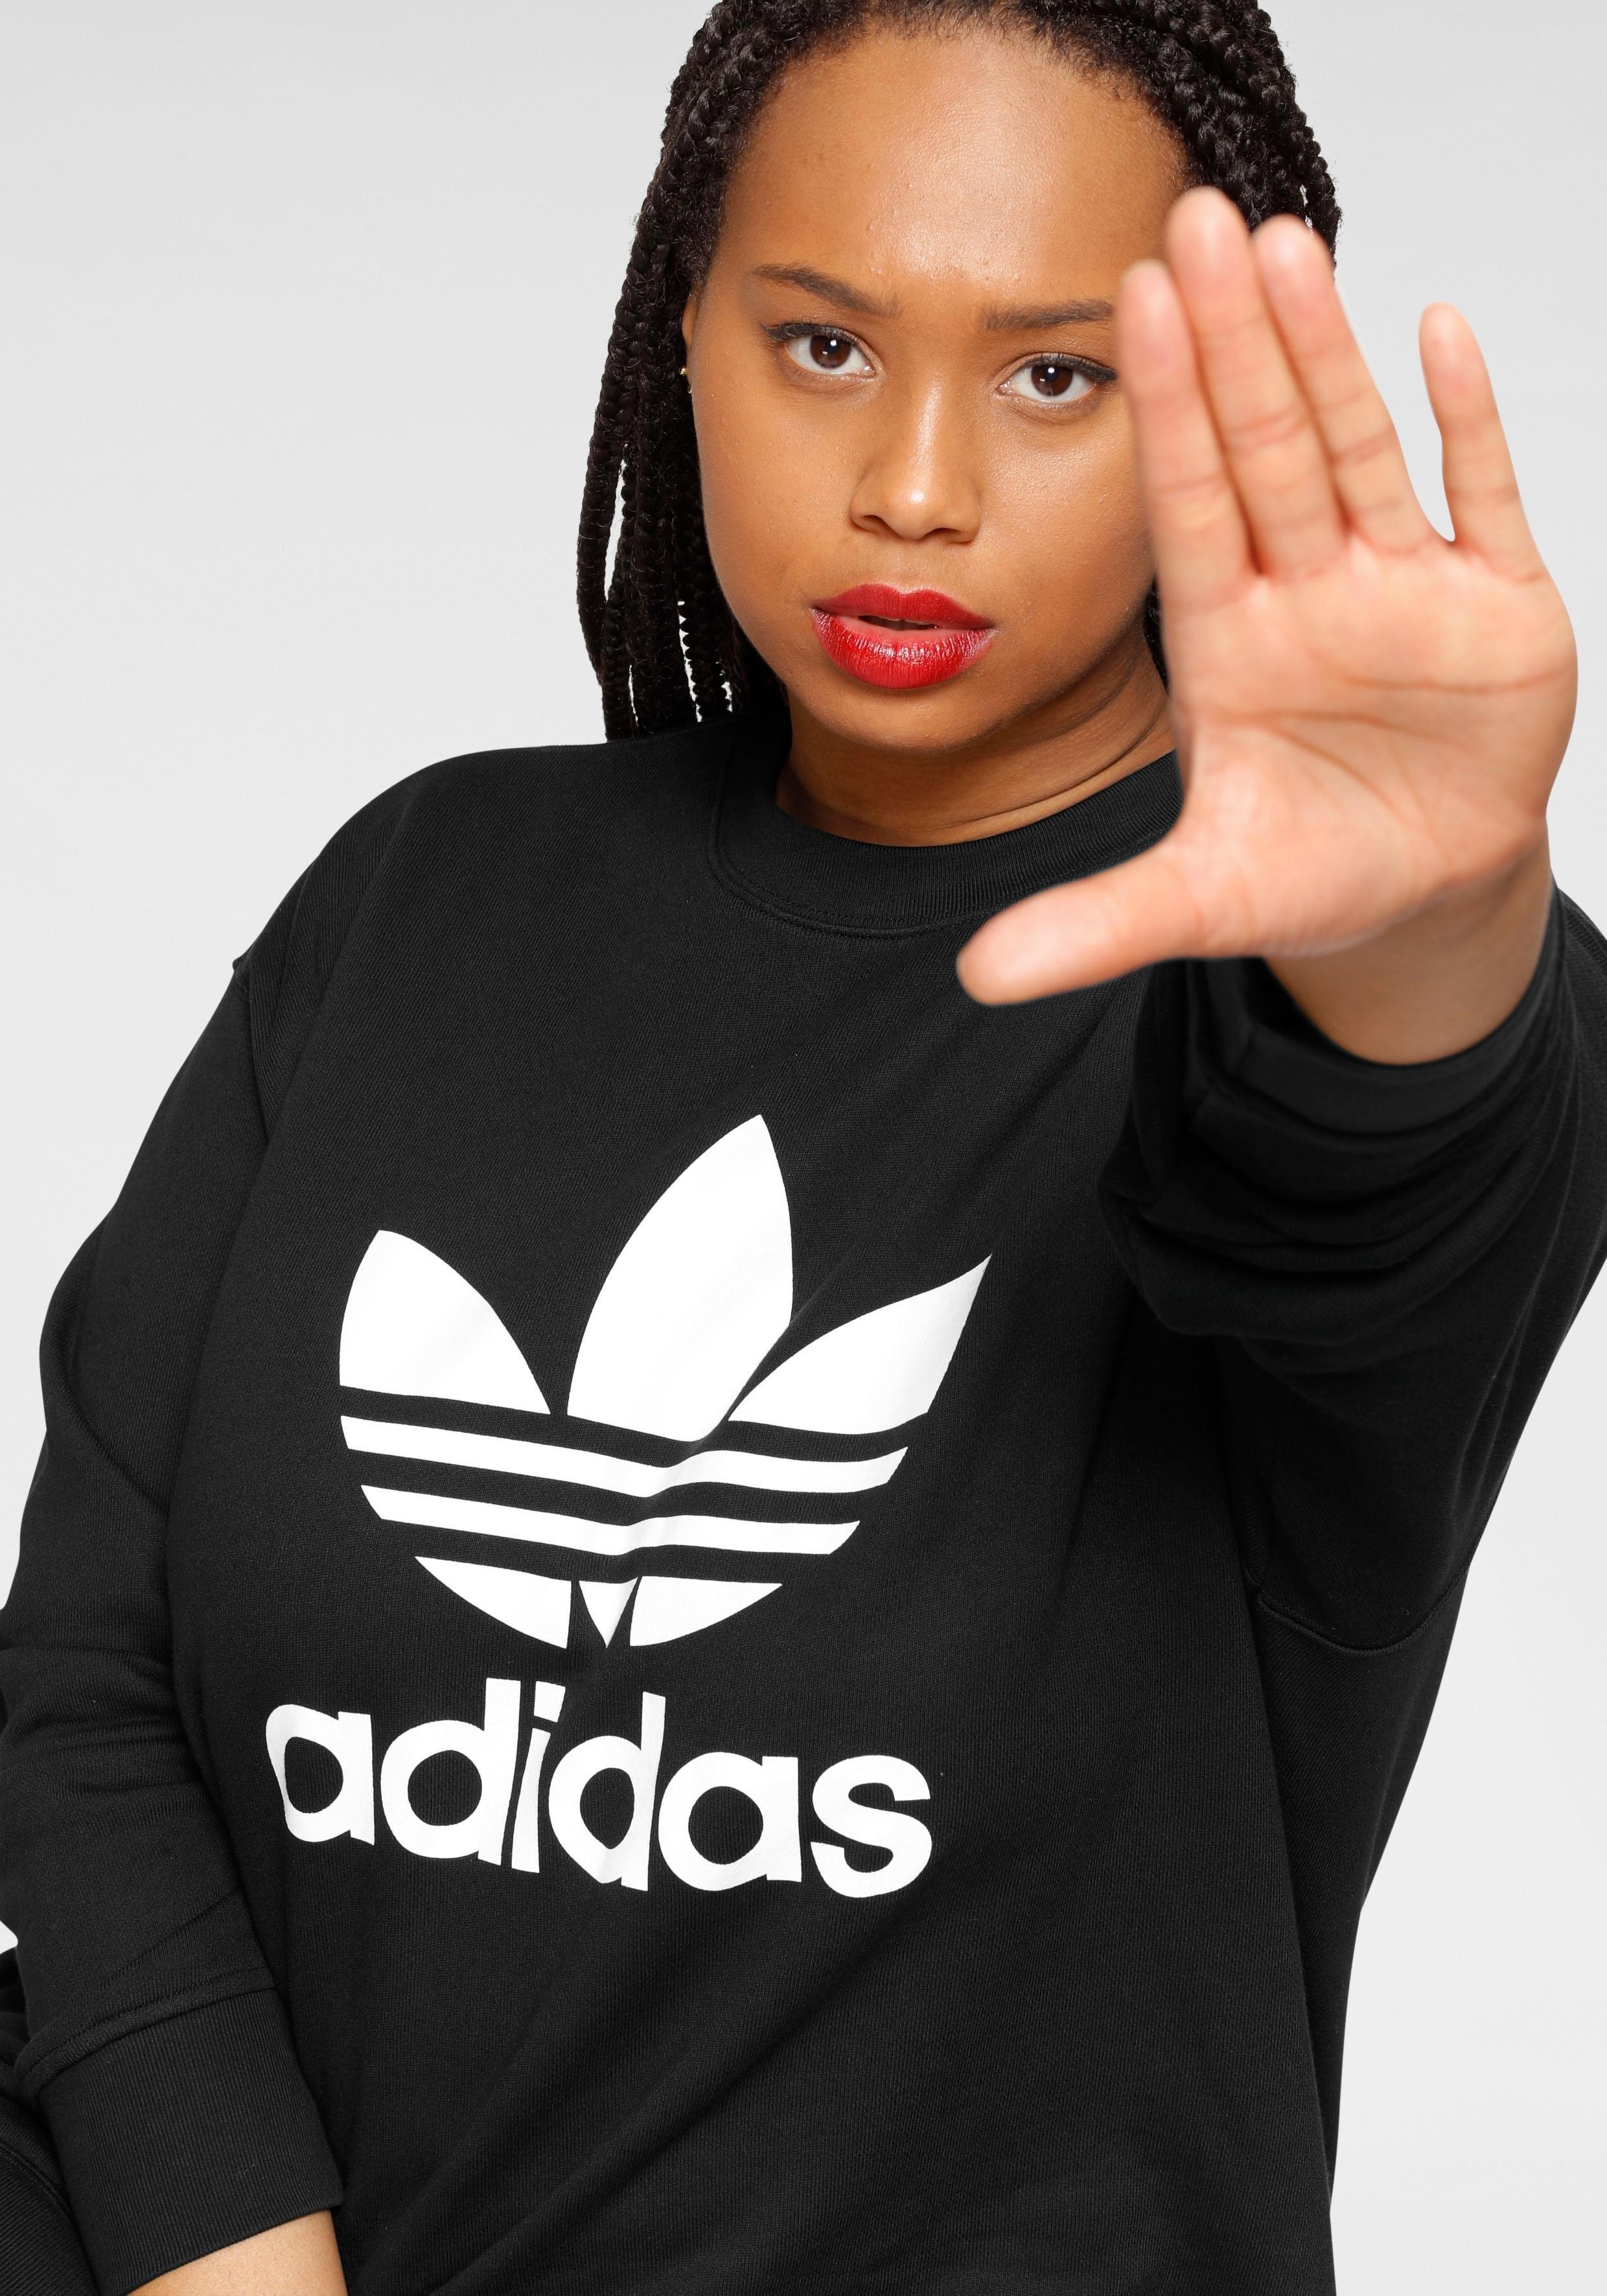 adidas Originals sweatshirt voordelig en veilig online kopen